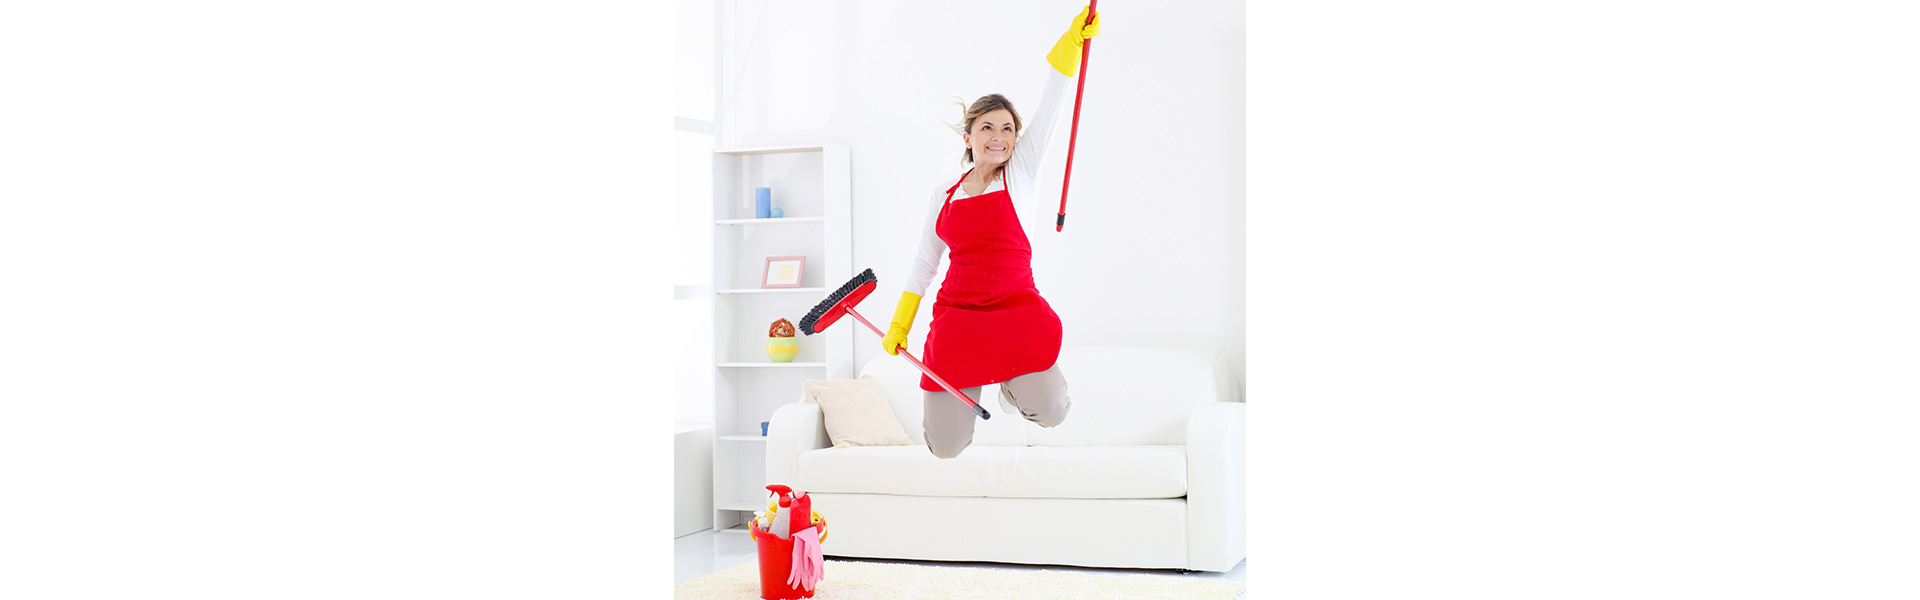 Springende Reinigungskraft